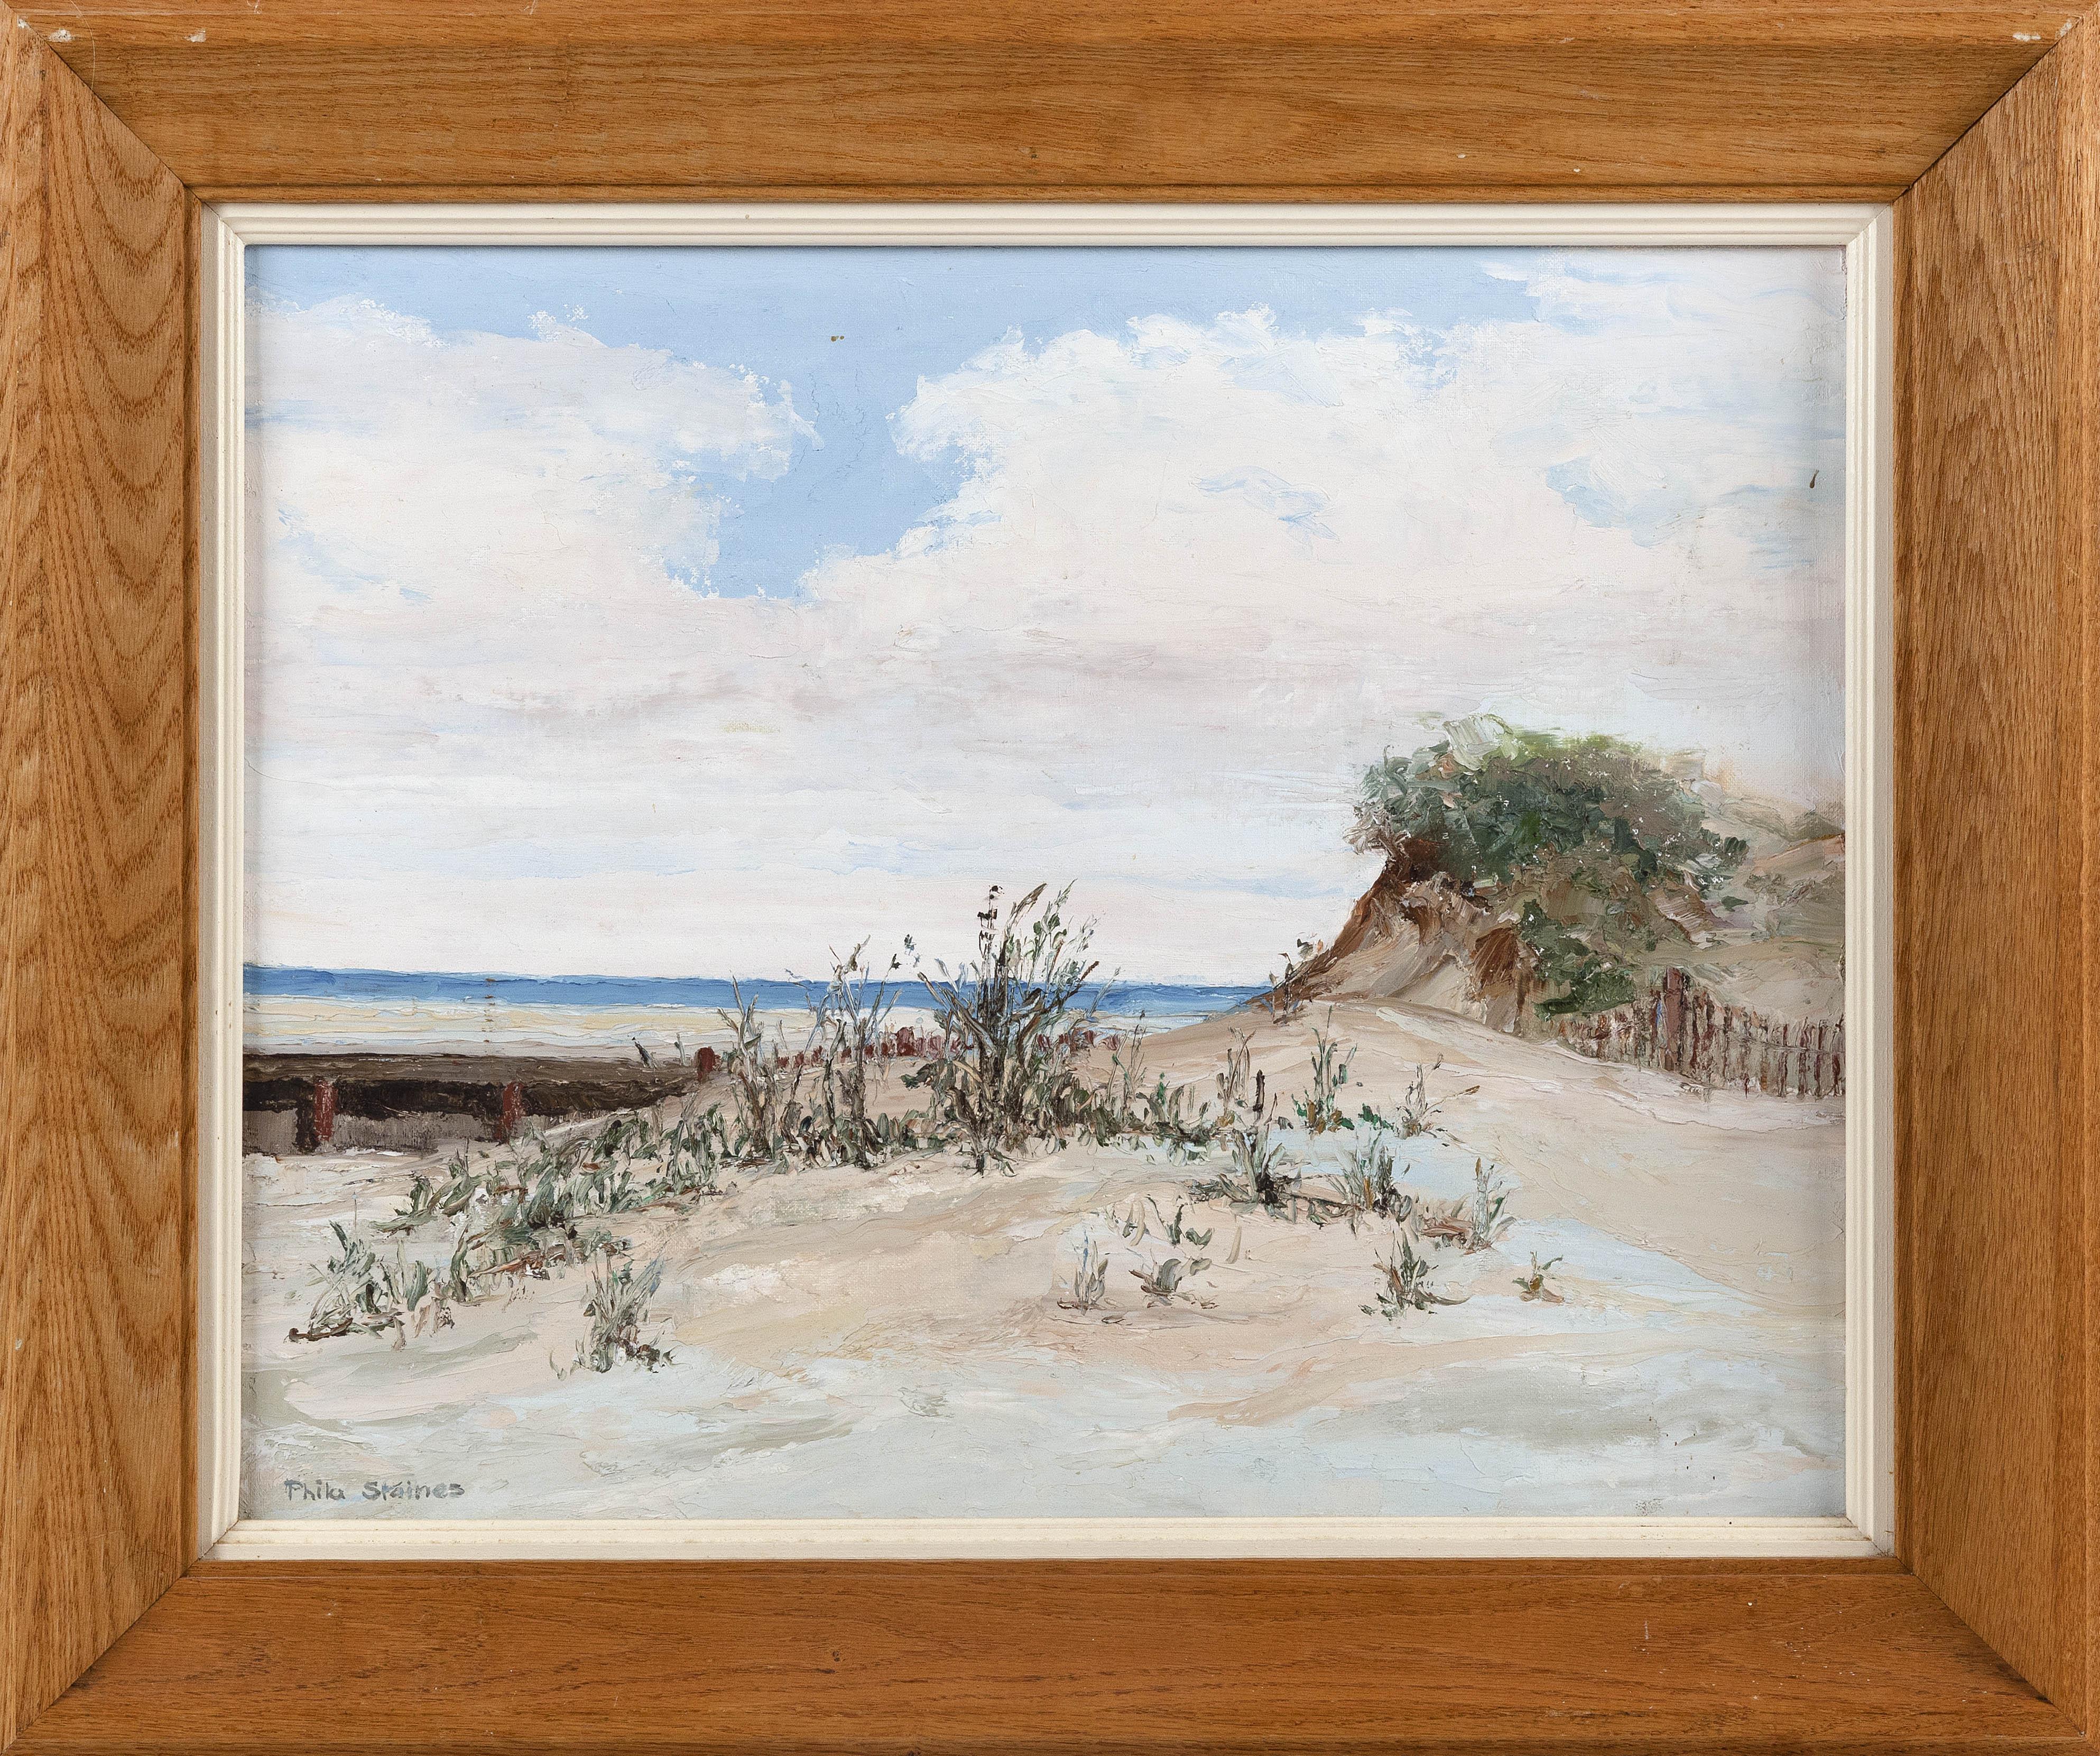 CAPE COD SCHOOL (20th Century,), Dune landscape., Oil on canvas board, 16